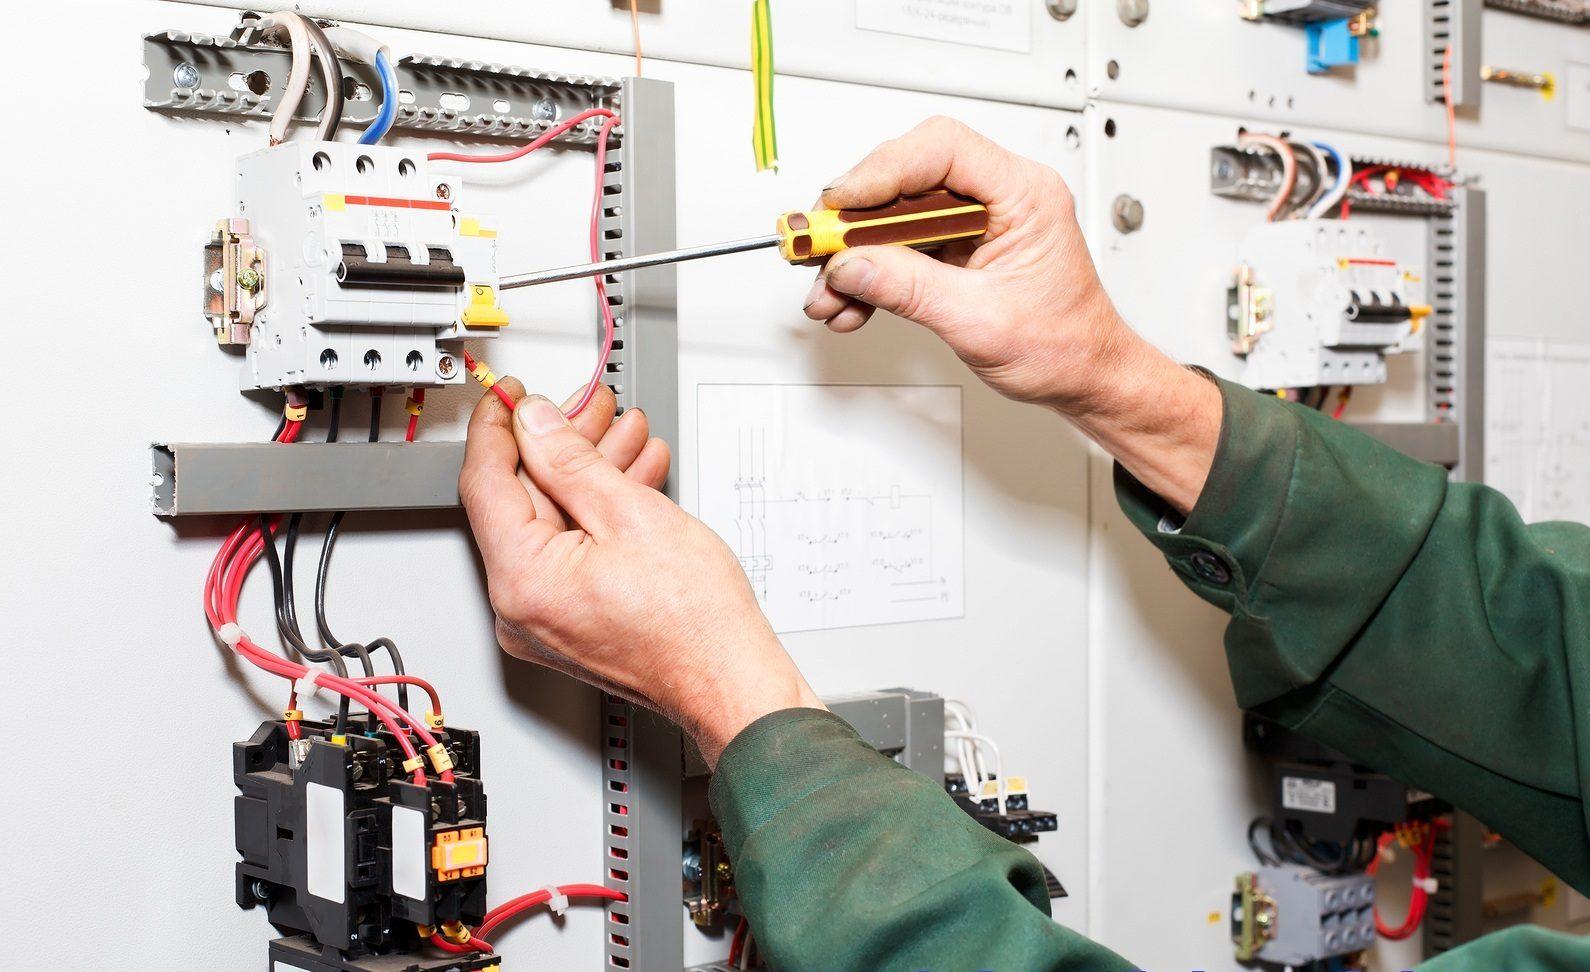 Một thợ sửa máy khẩu trang giỏi cần có những kỹ năng gì?